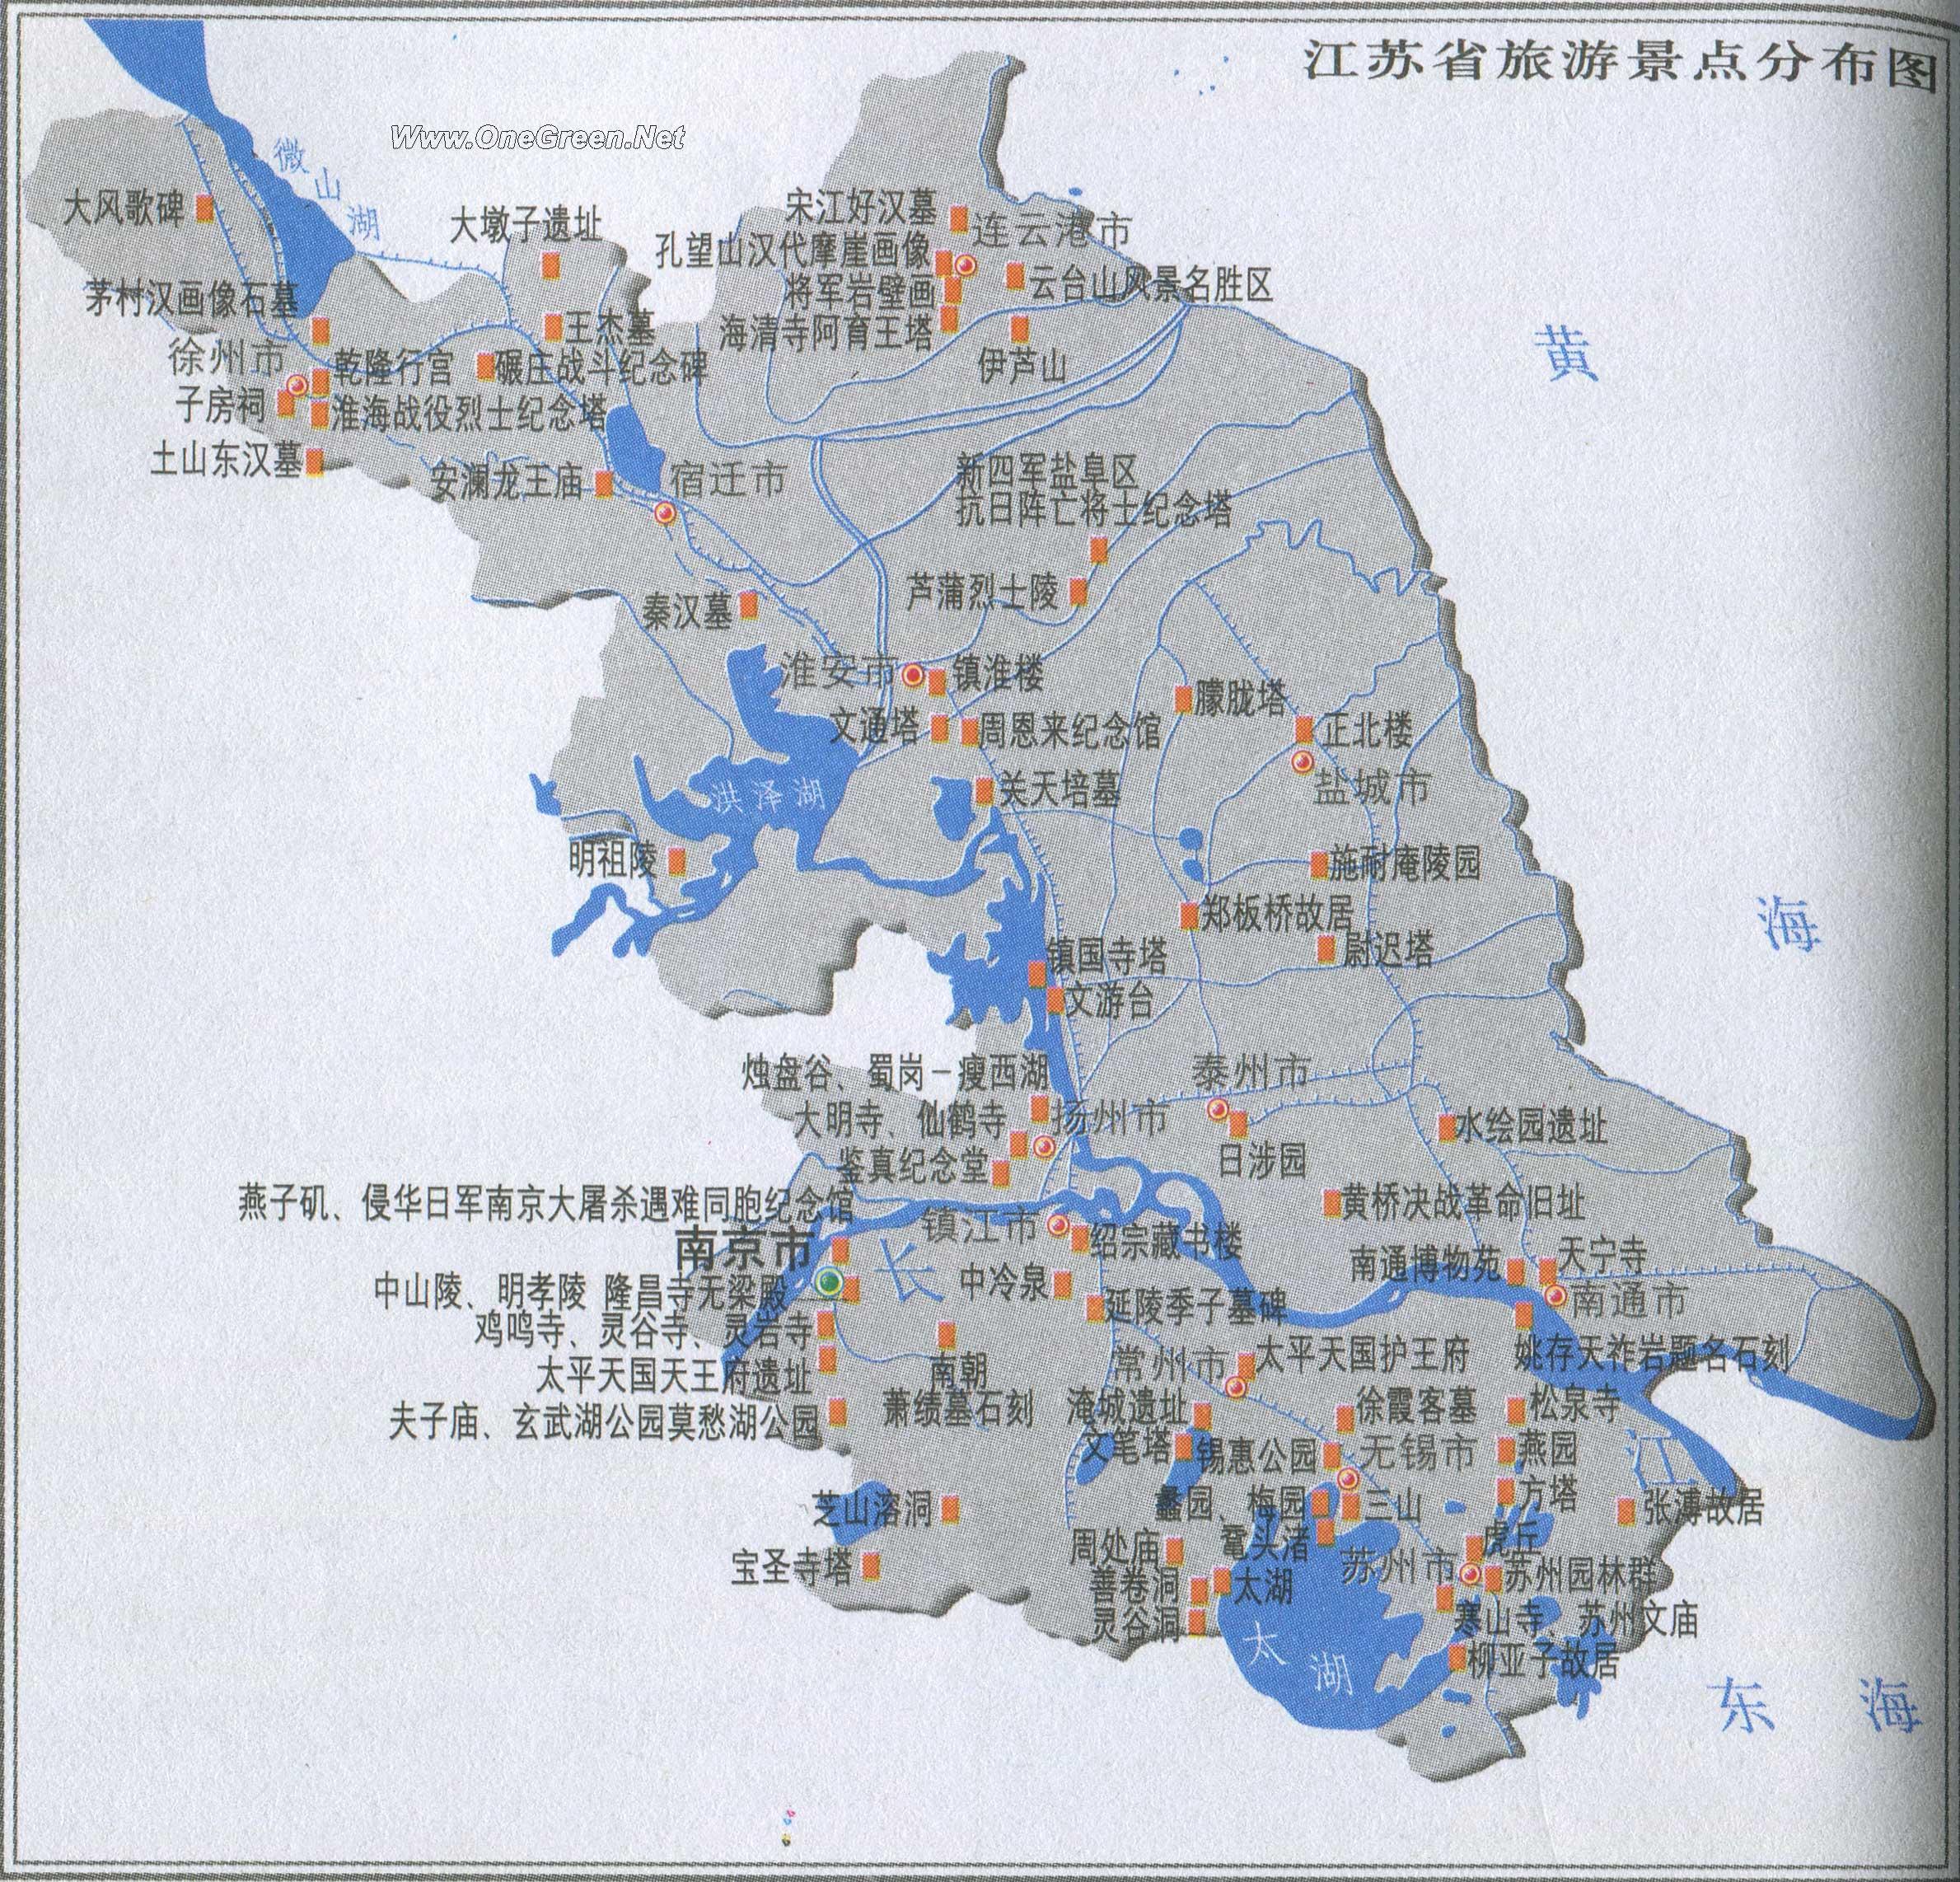 浙江省旅游景点地图_江苏旅游景点分布图_景点分布图地图库_地图窝